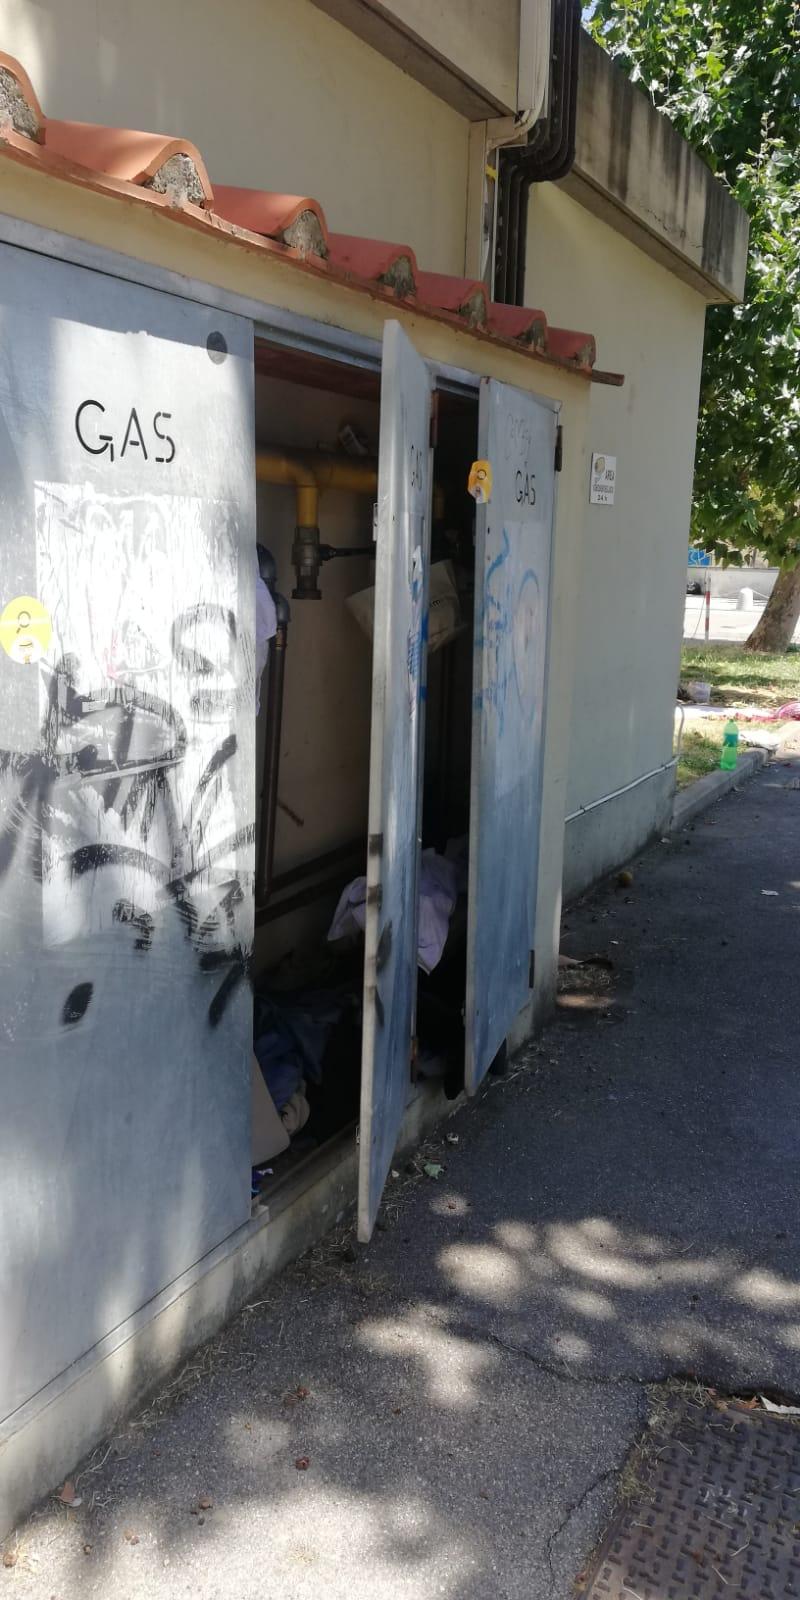 Bivacco a cielo aperto, la cabina del gas trasformata in ...